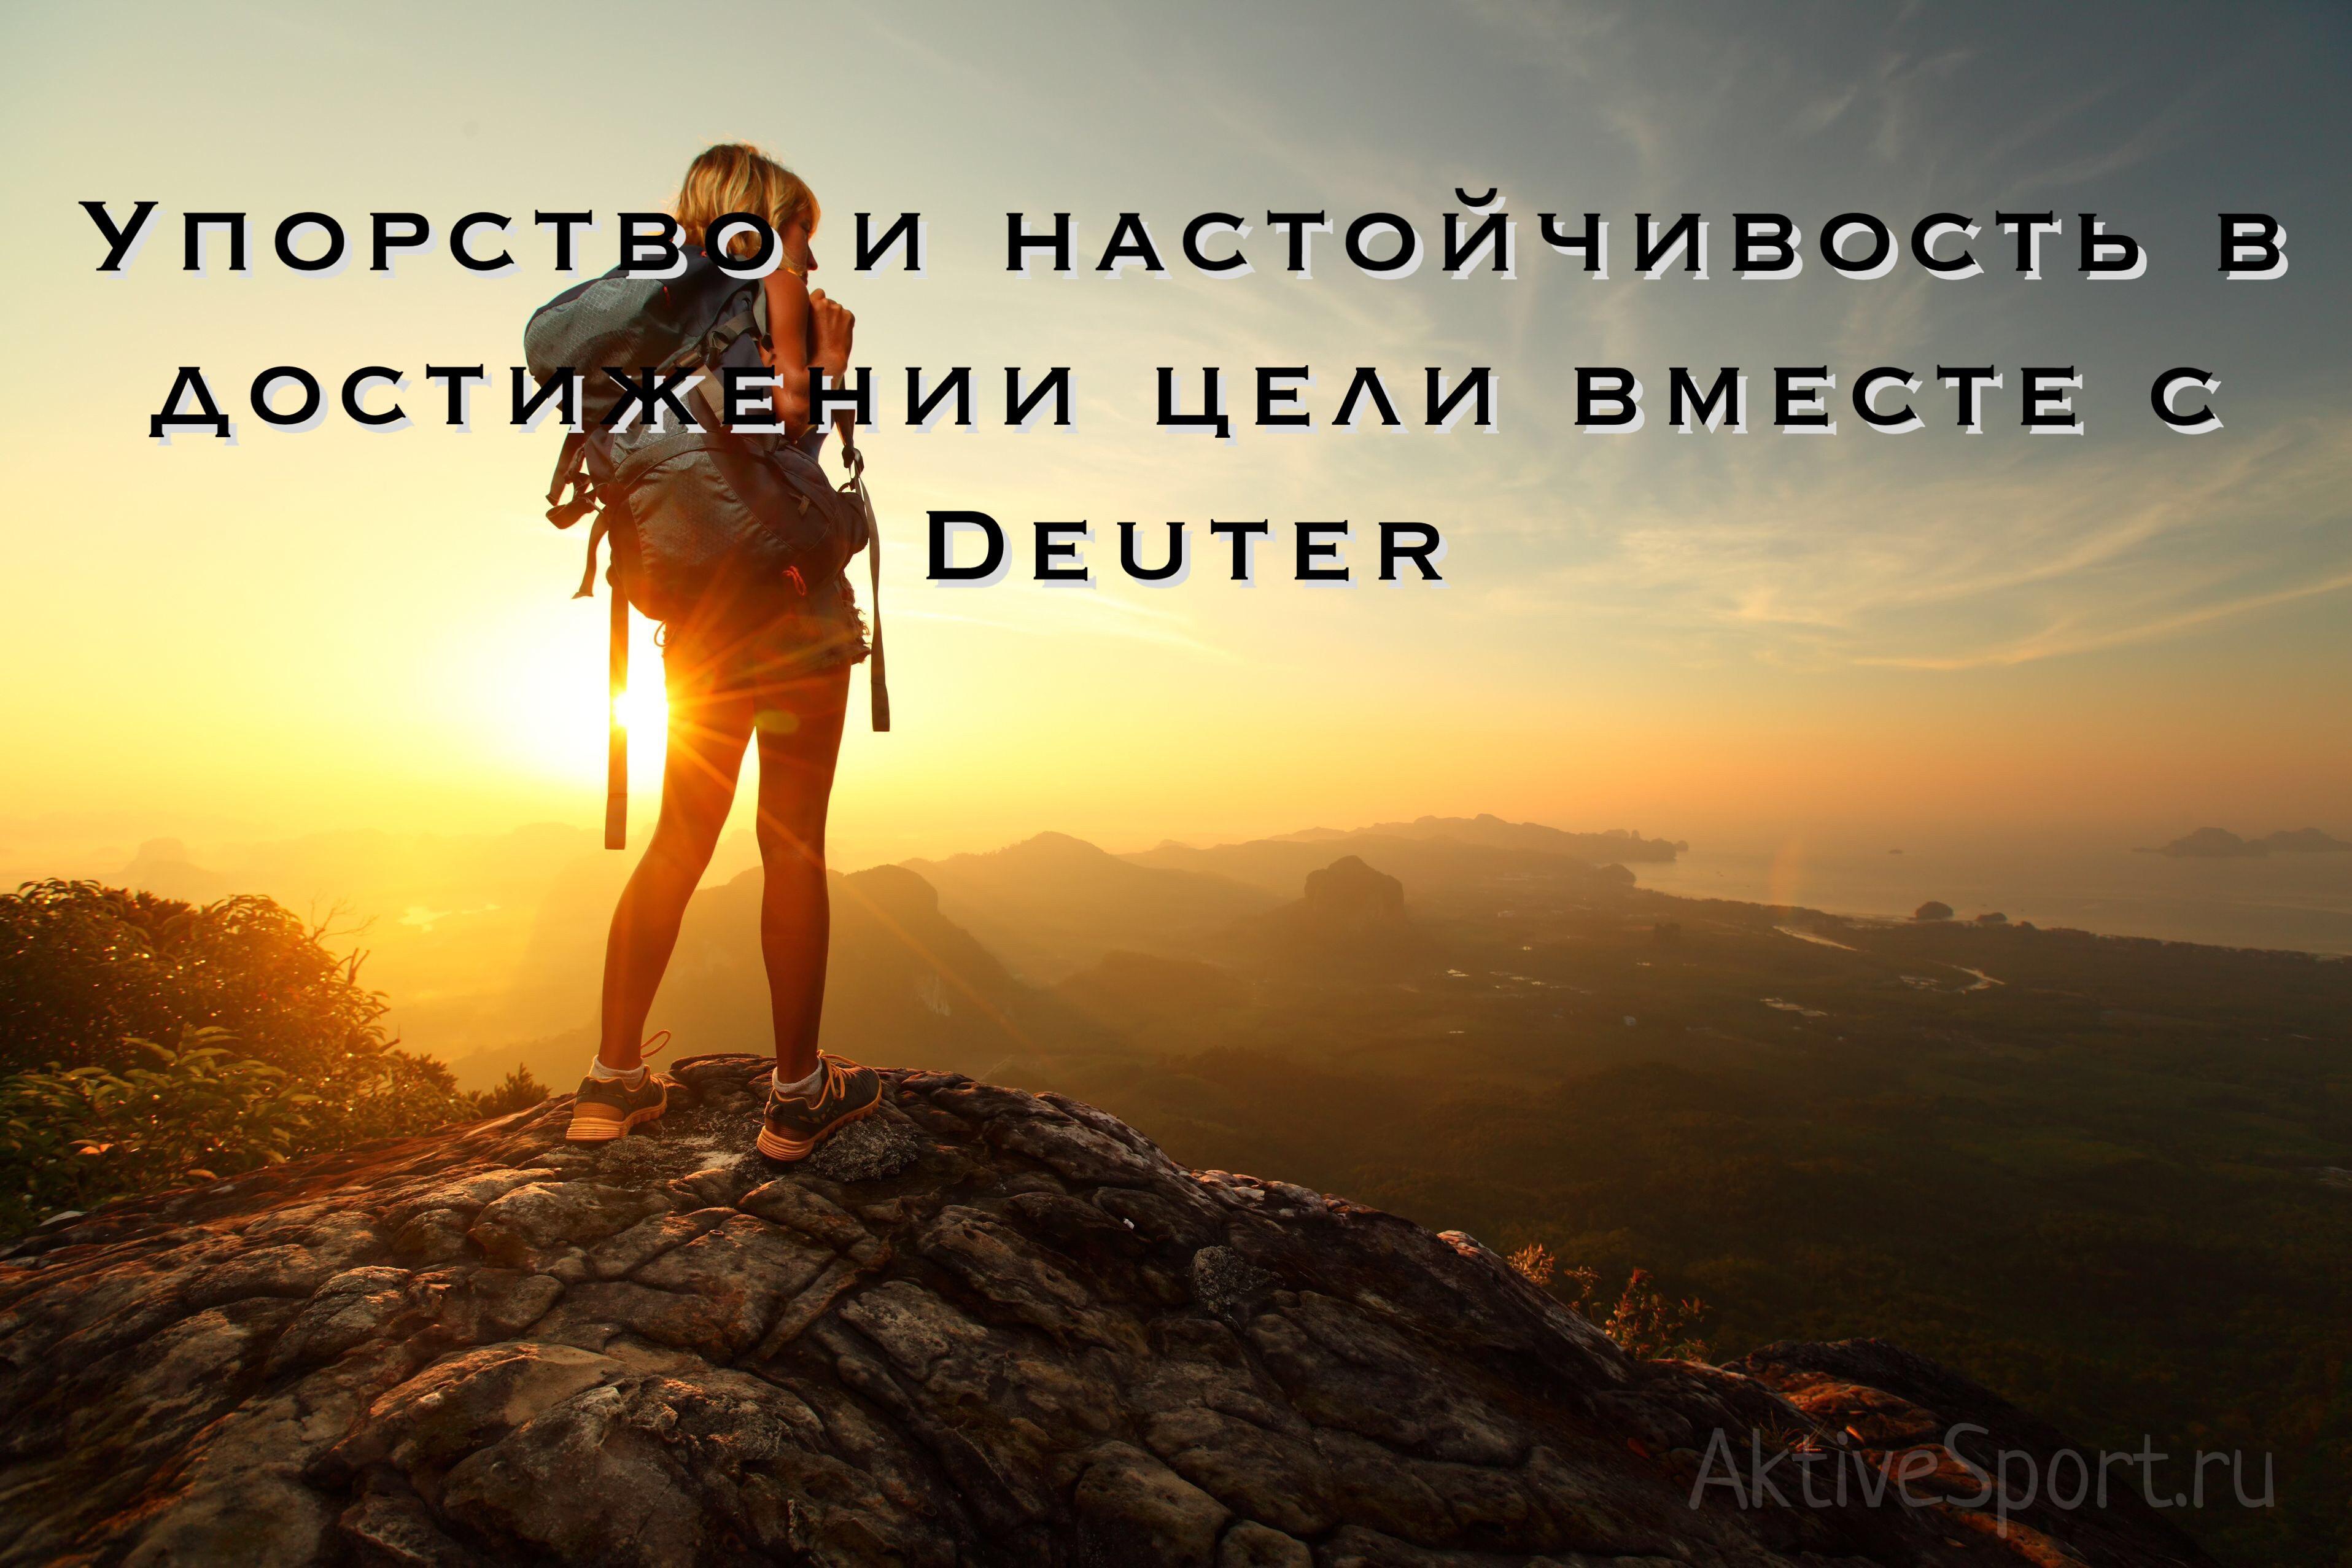 IMG_2498-21-03-17-12-12.jpeg